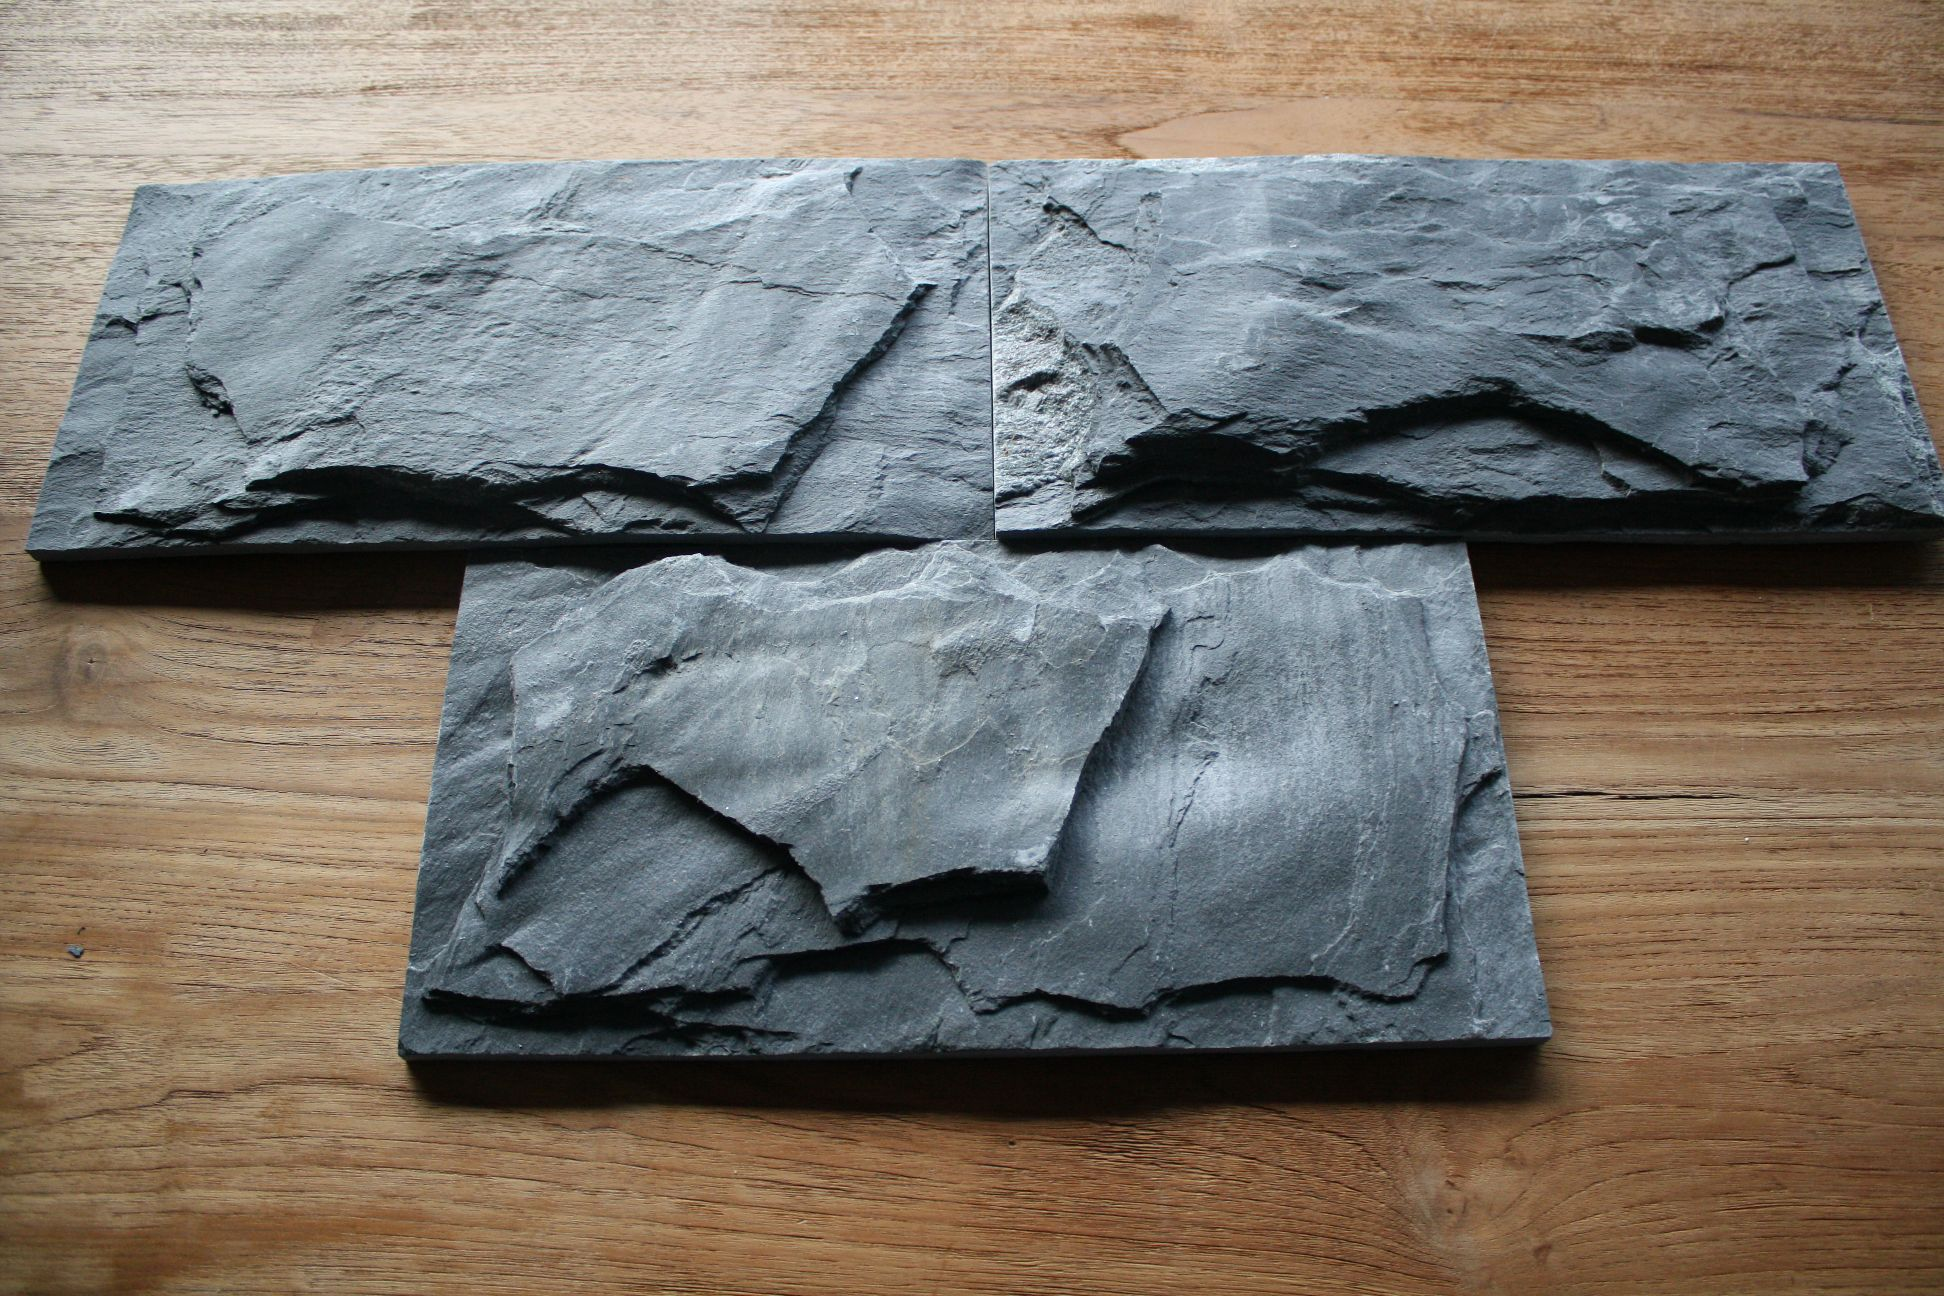 Fesselnd 1m² Wandverkleidung Riemchen Klinker Naturstein Stein Schiefer Wand  Verblender EBay